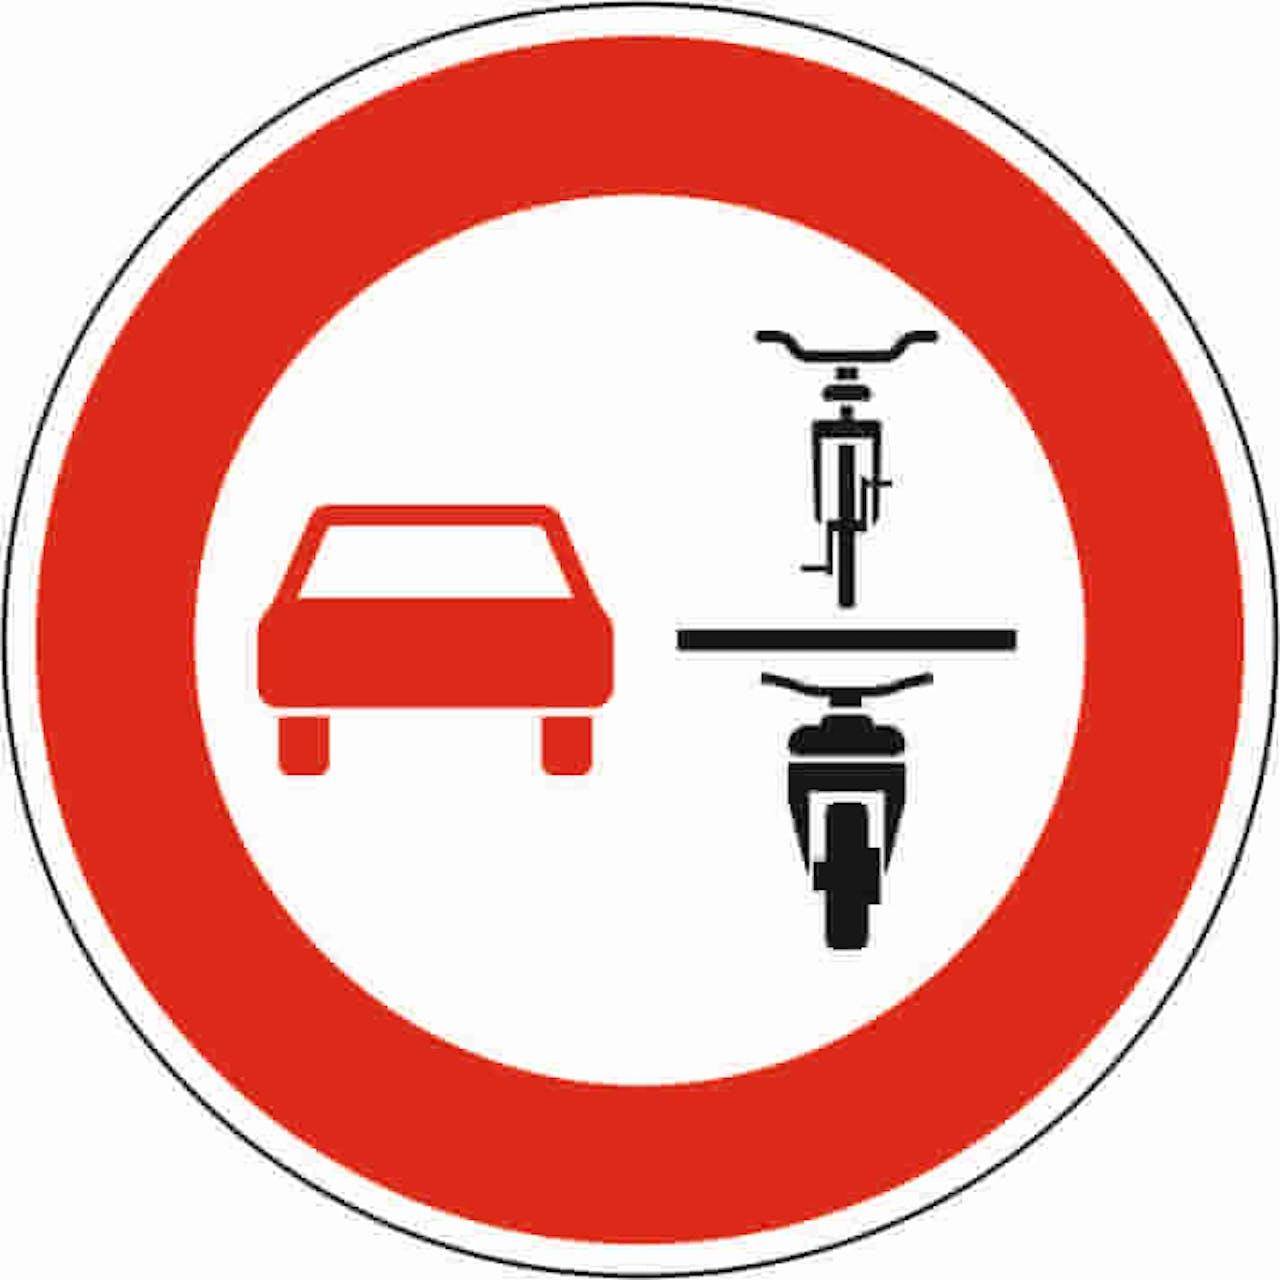 Verkehrsschild Zweiräder überholen verboten